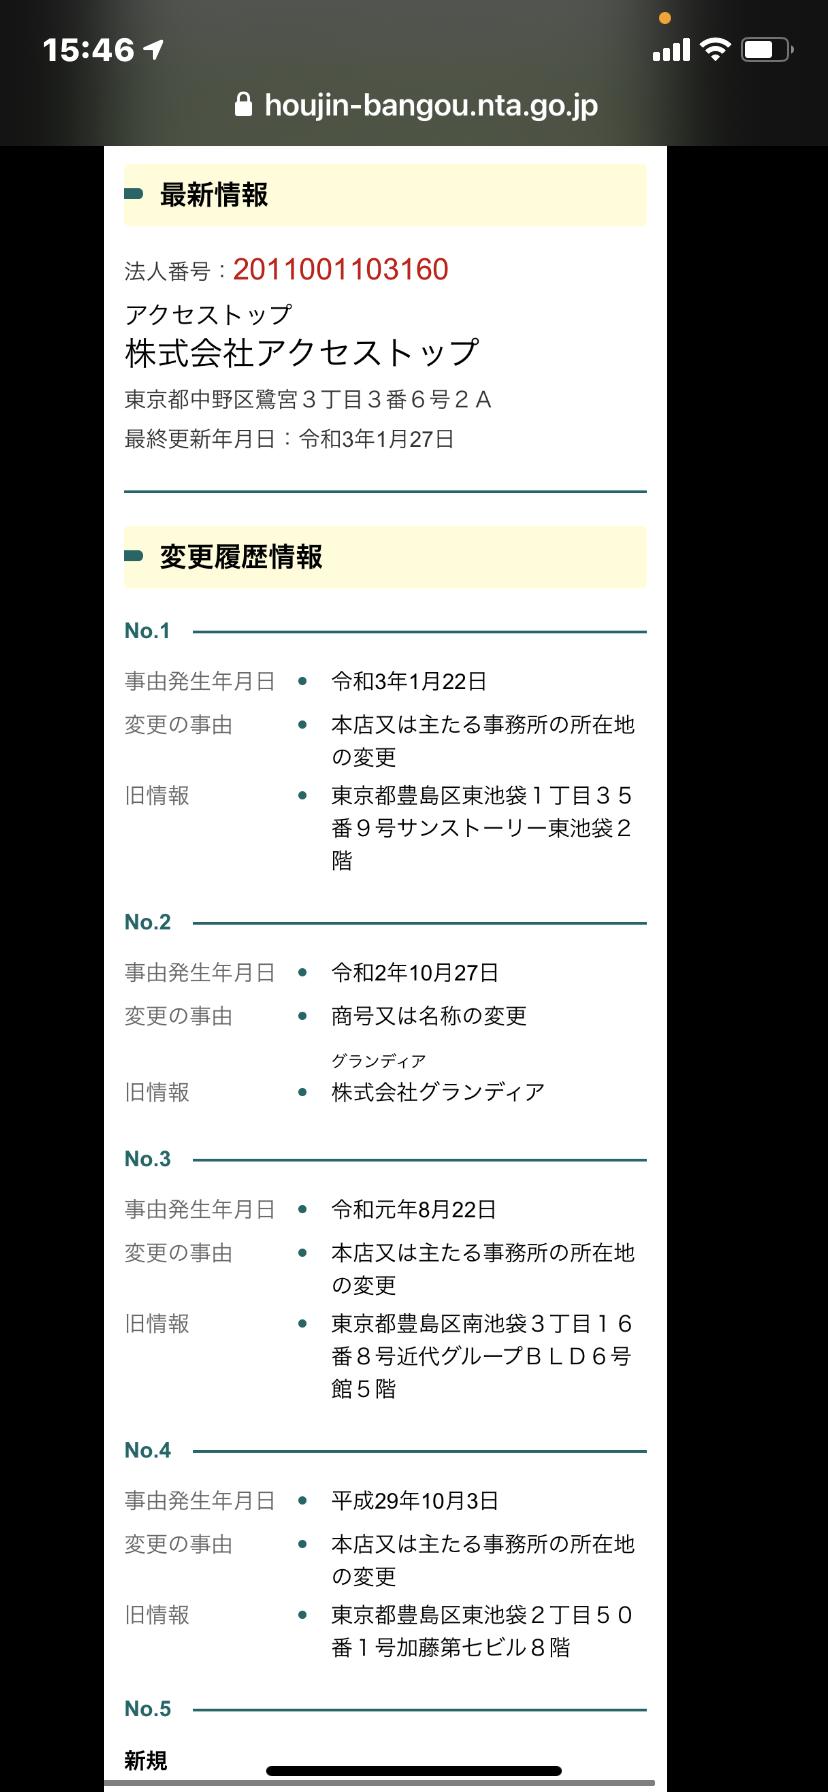 競馬予想サイトLIFE(ライフ)の法人番号検索結果